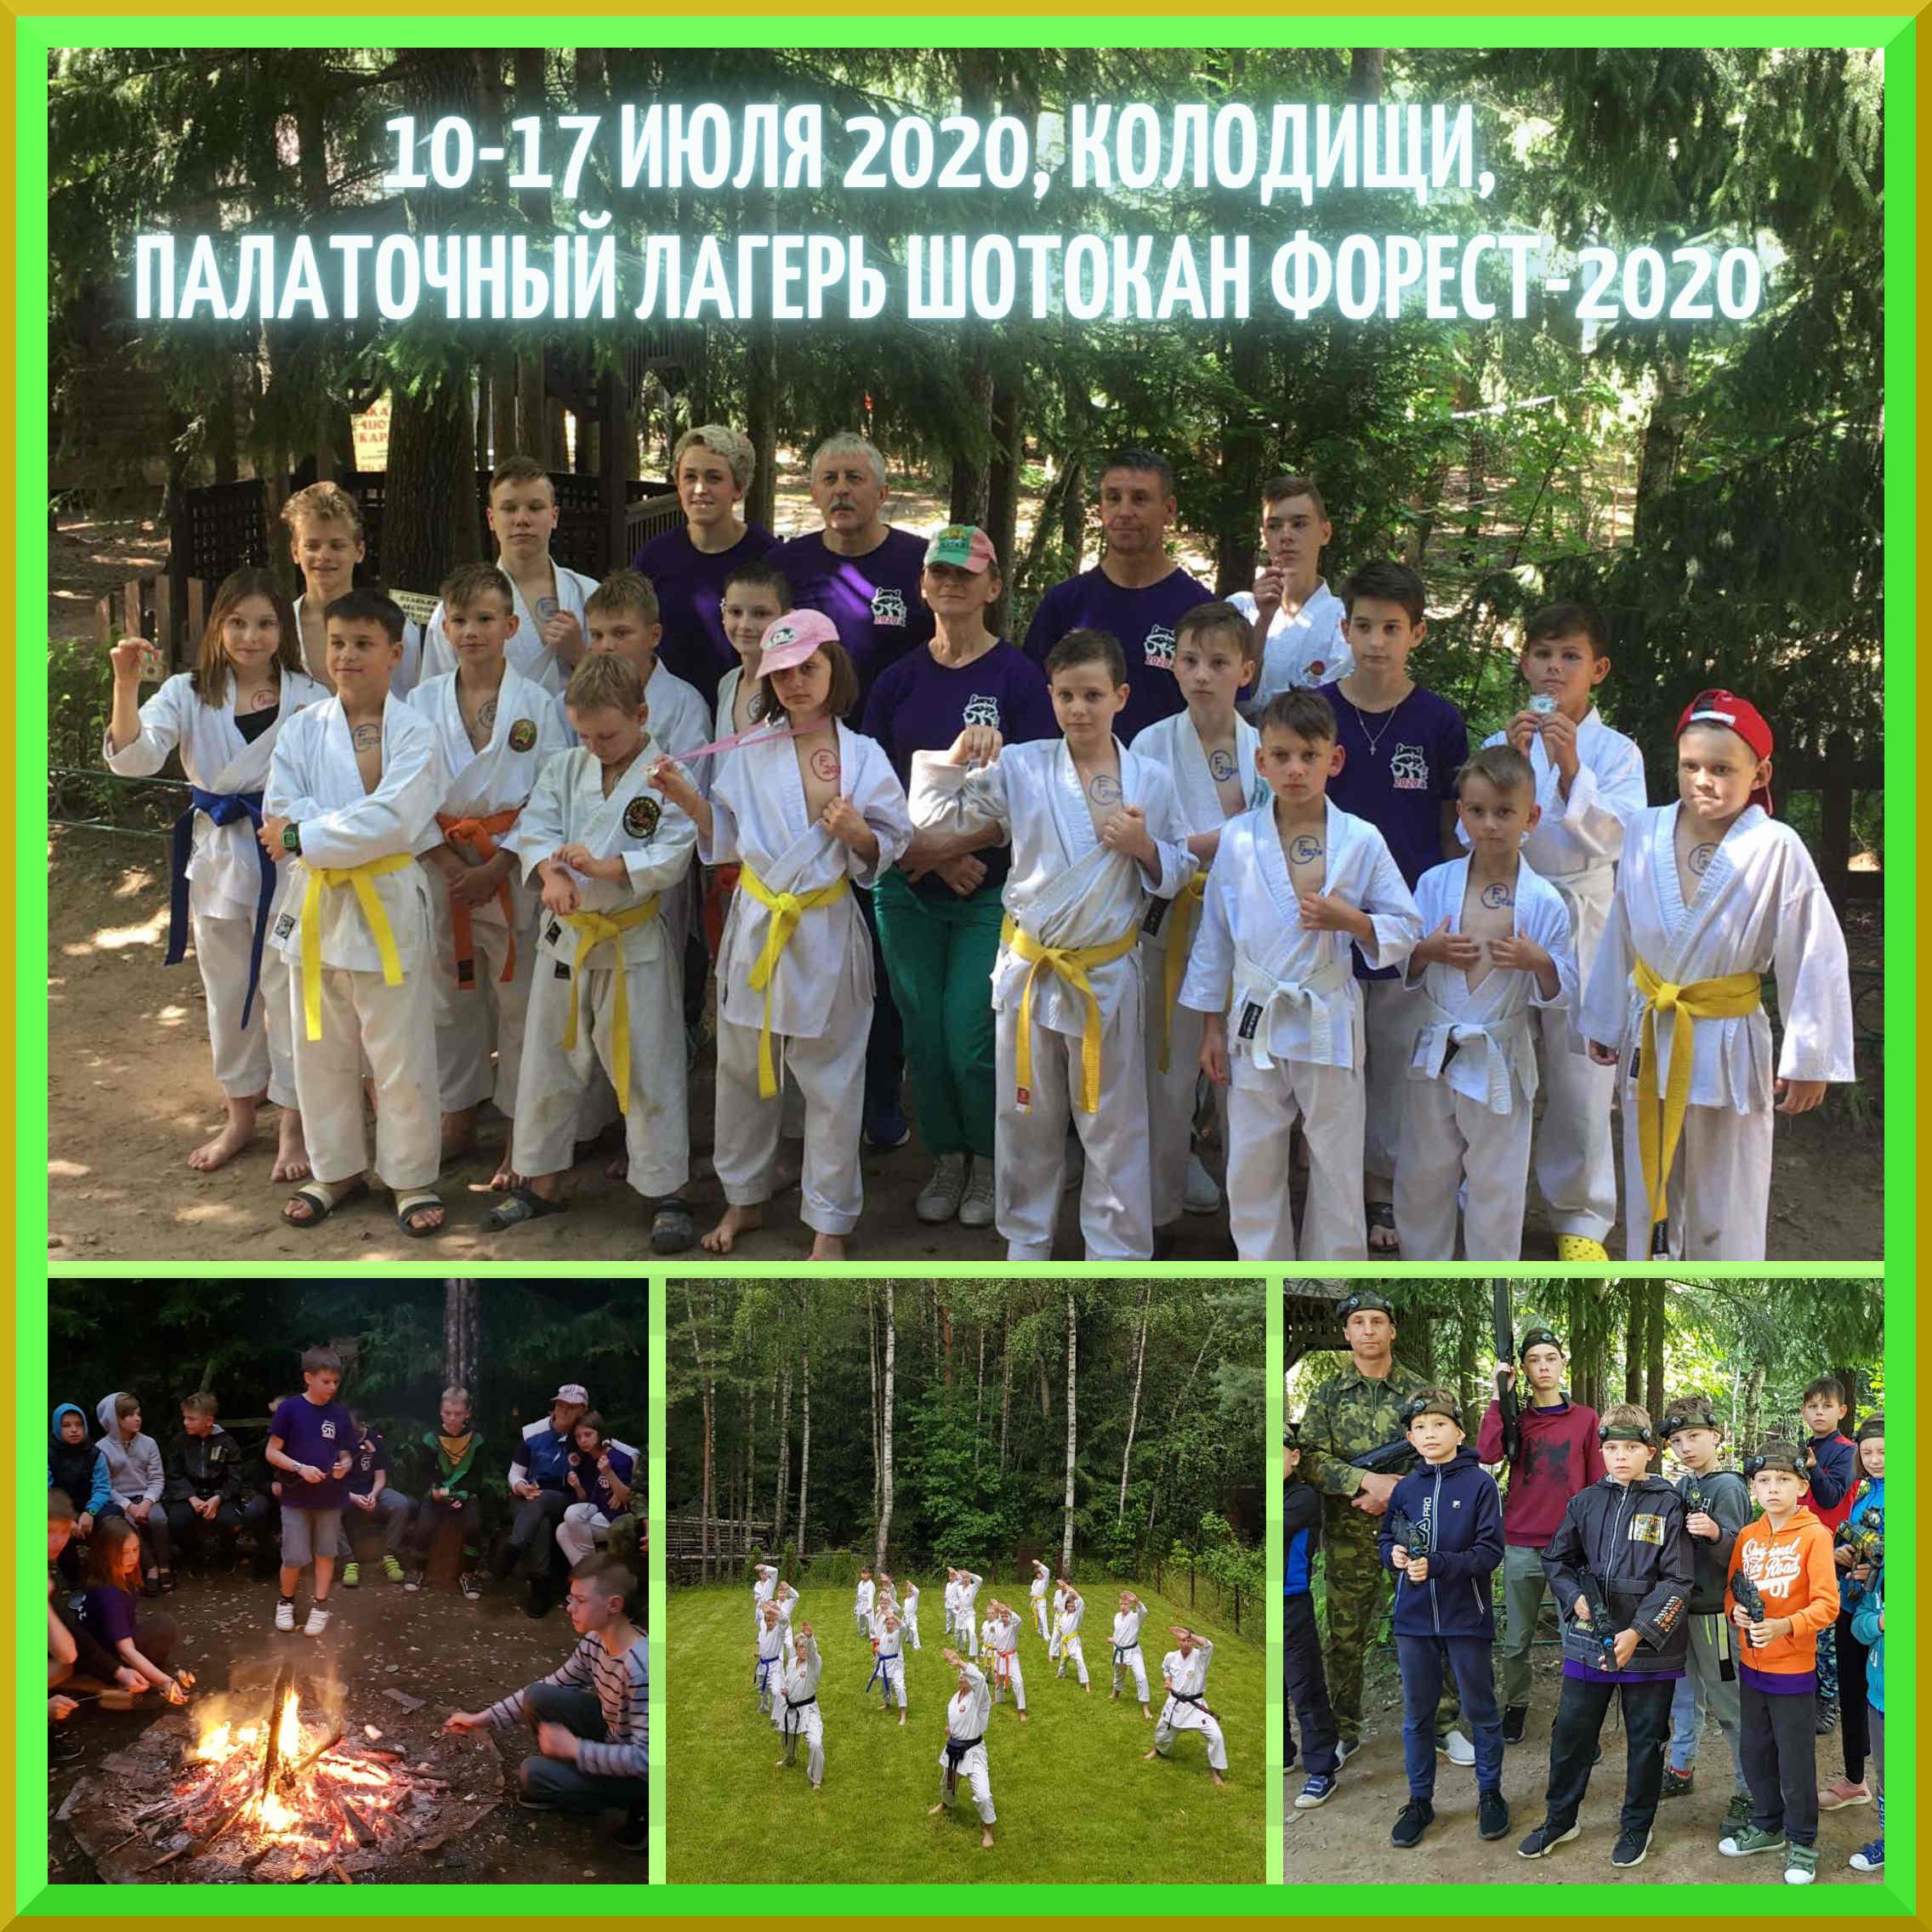 10-17 июля 2020, КОЛОДИЩИ, Палаточный лагерь Шотокан форест-2020